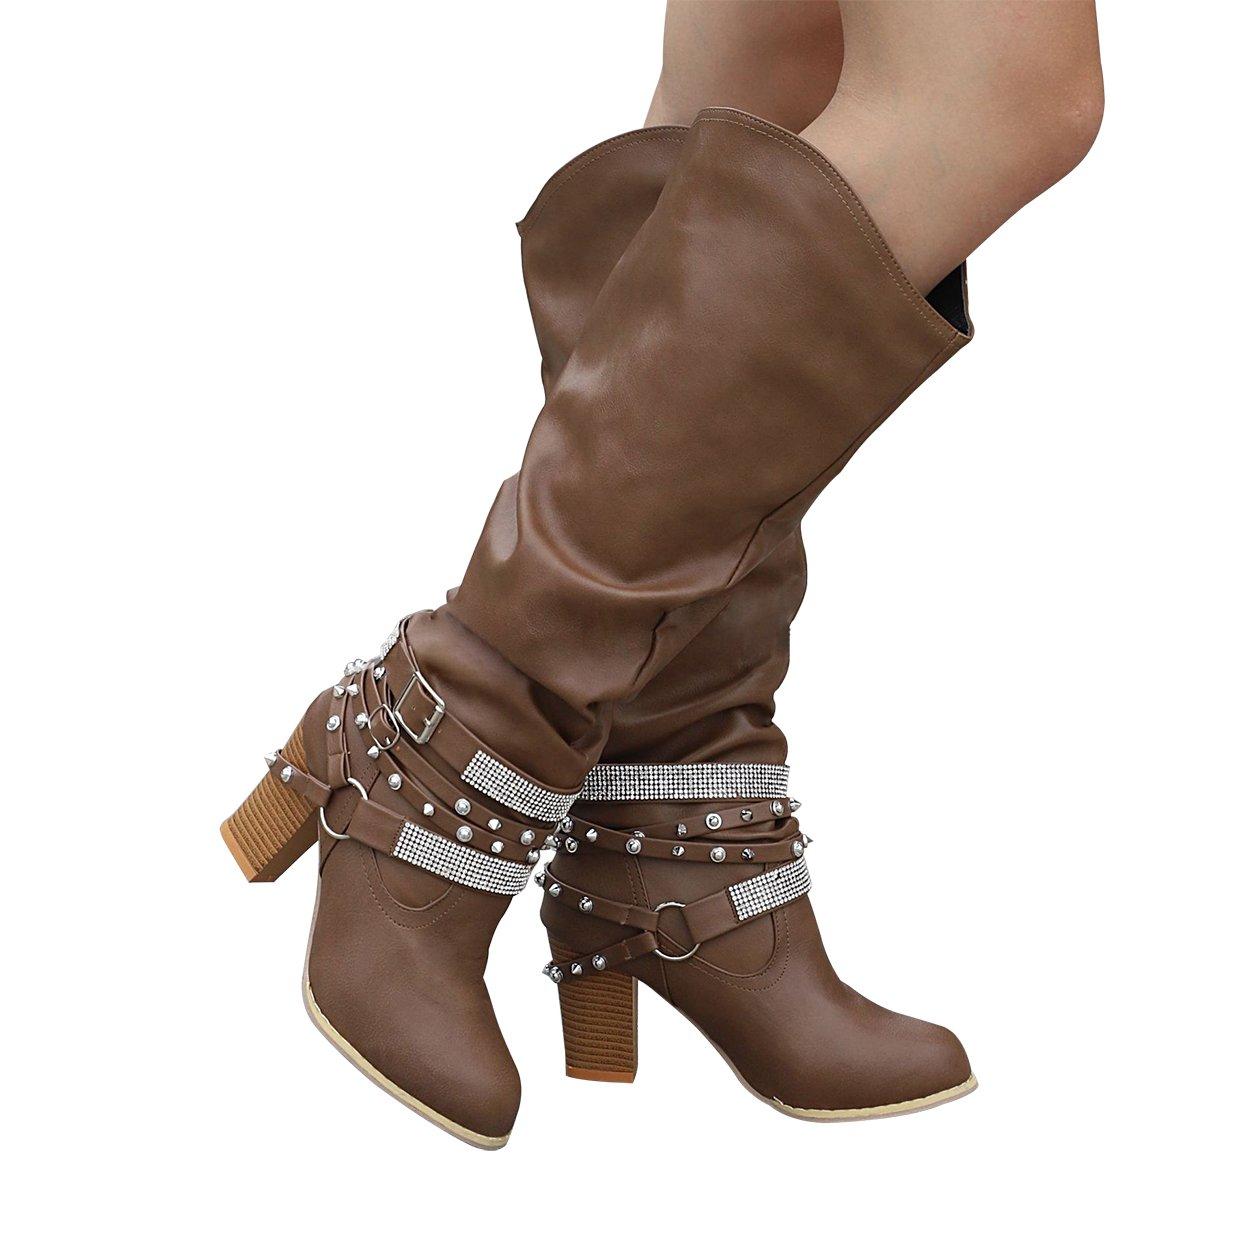 Amazon.com: SNIDEL - Botas de equitación para mujer con ...